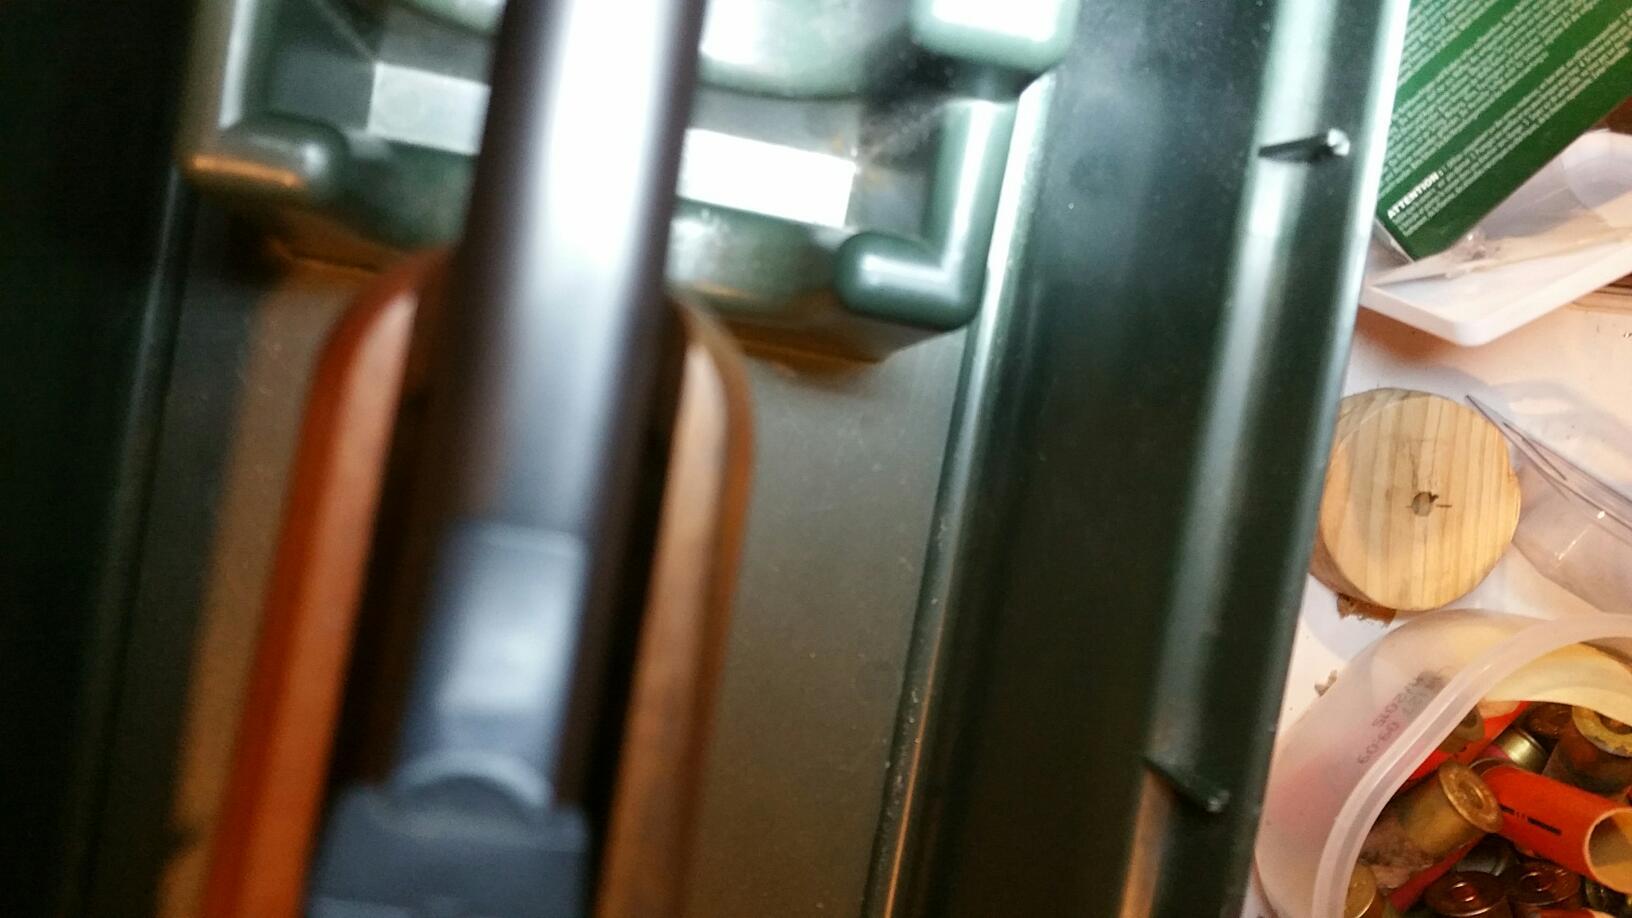 Renforcement devant crosse plastique  19032406551115414